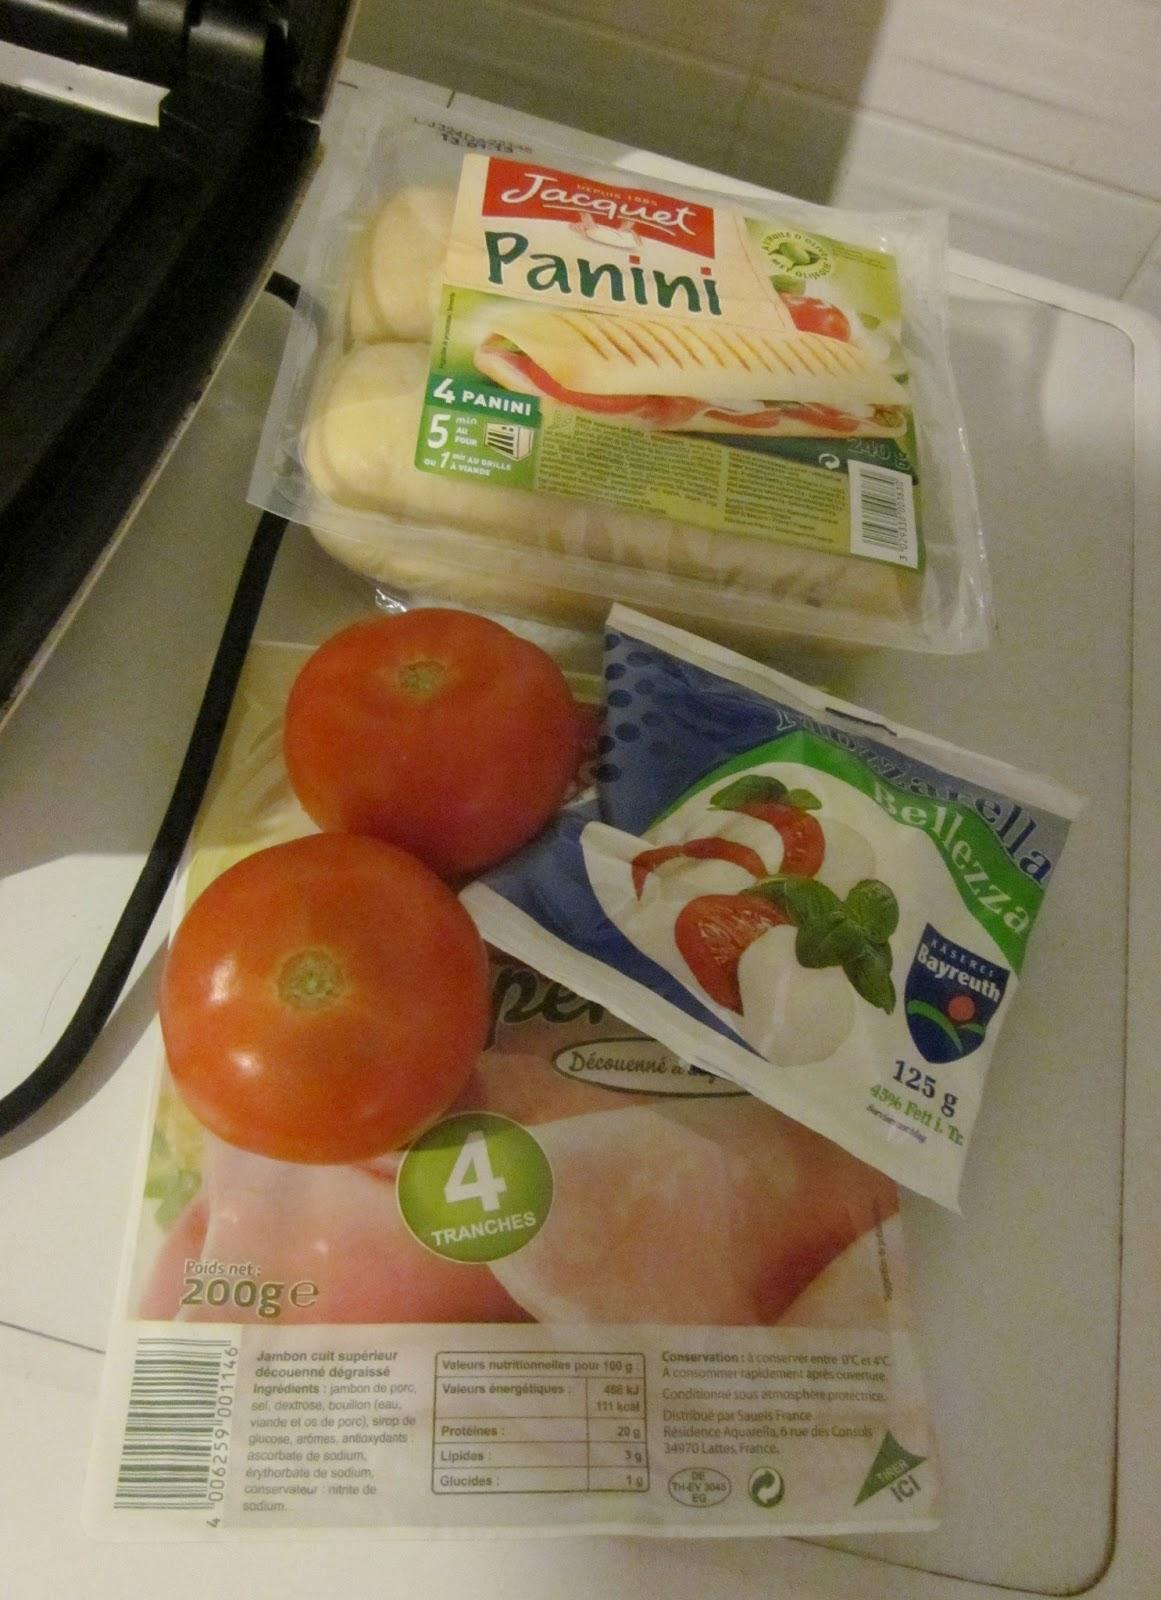 Blog de vie labonoccaz paninis maison - La maison du panini ...